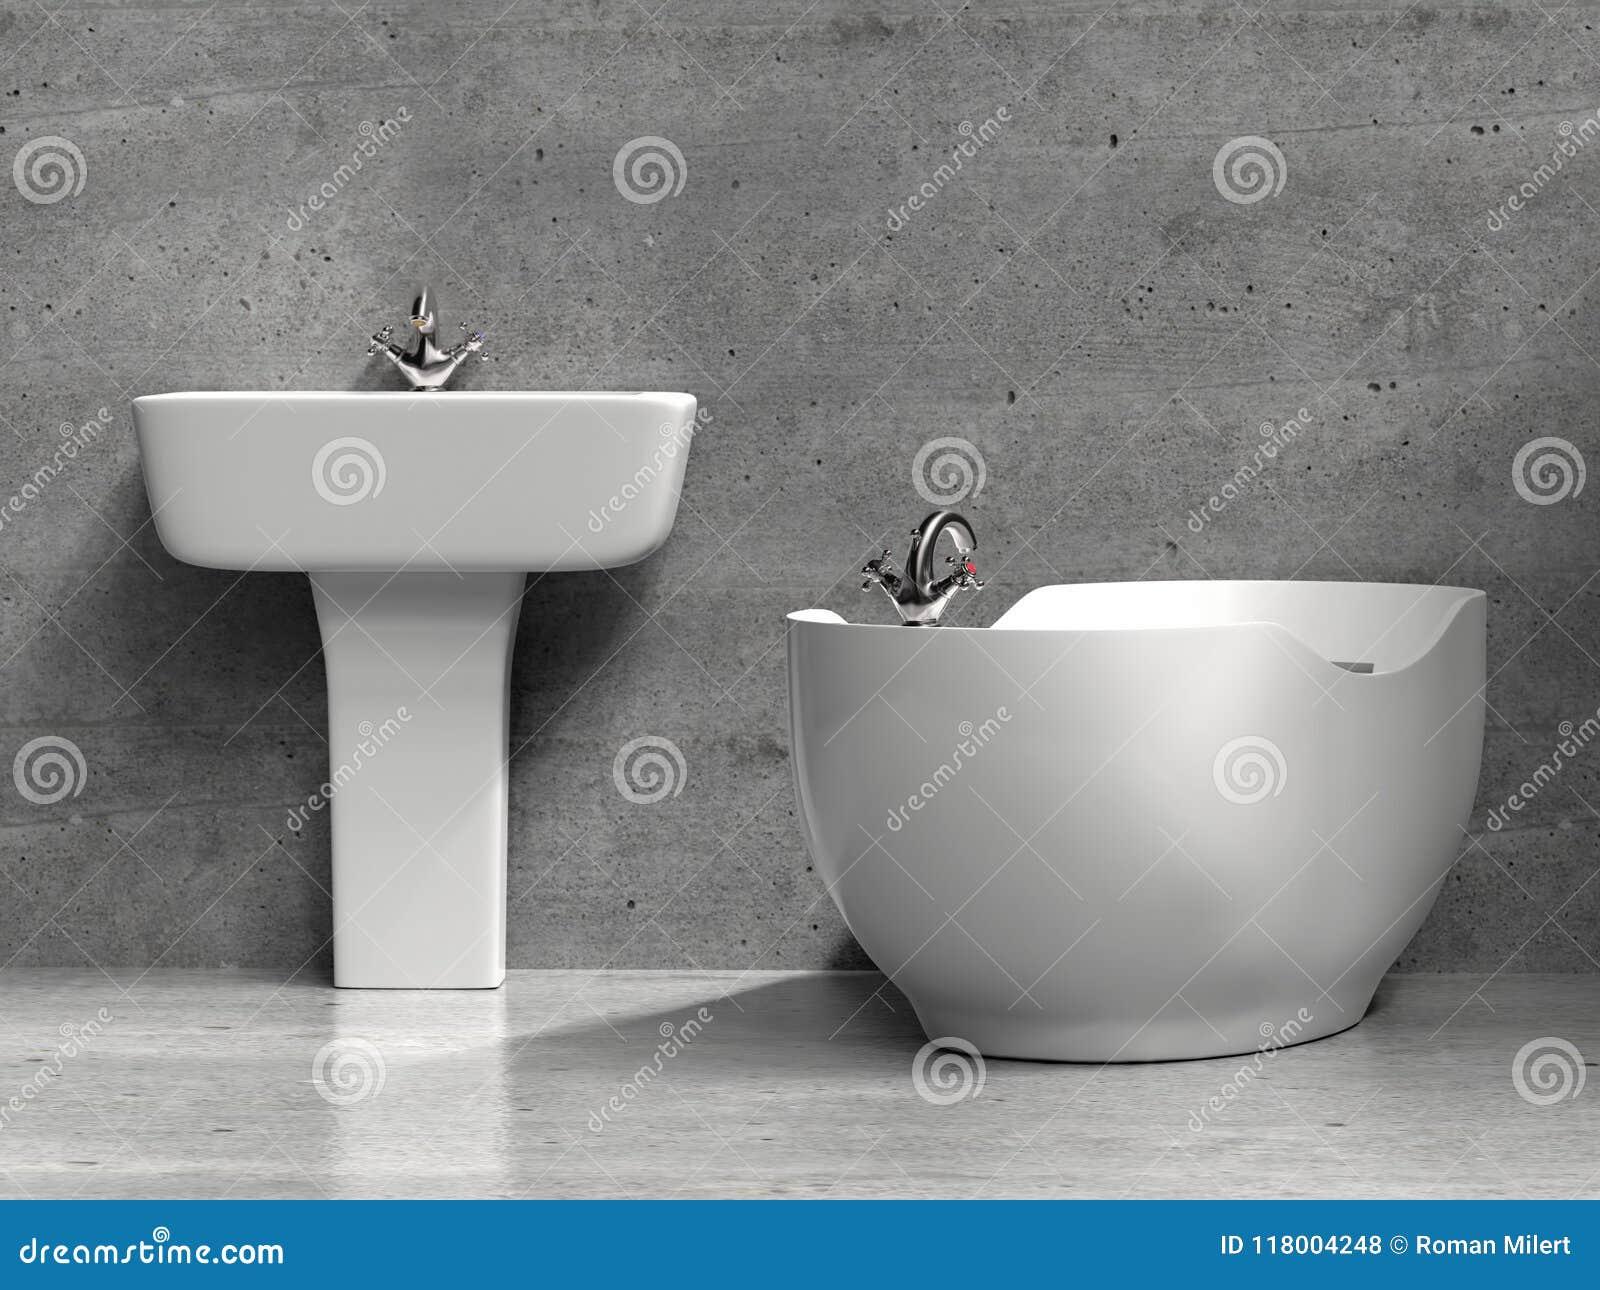 Vasca Da Bagno E Lavandino : Lavandino e vasca da bagno bianchi alla moda illustrazione di stock